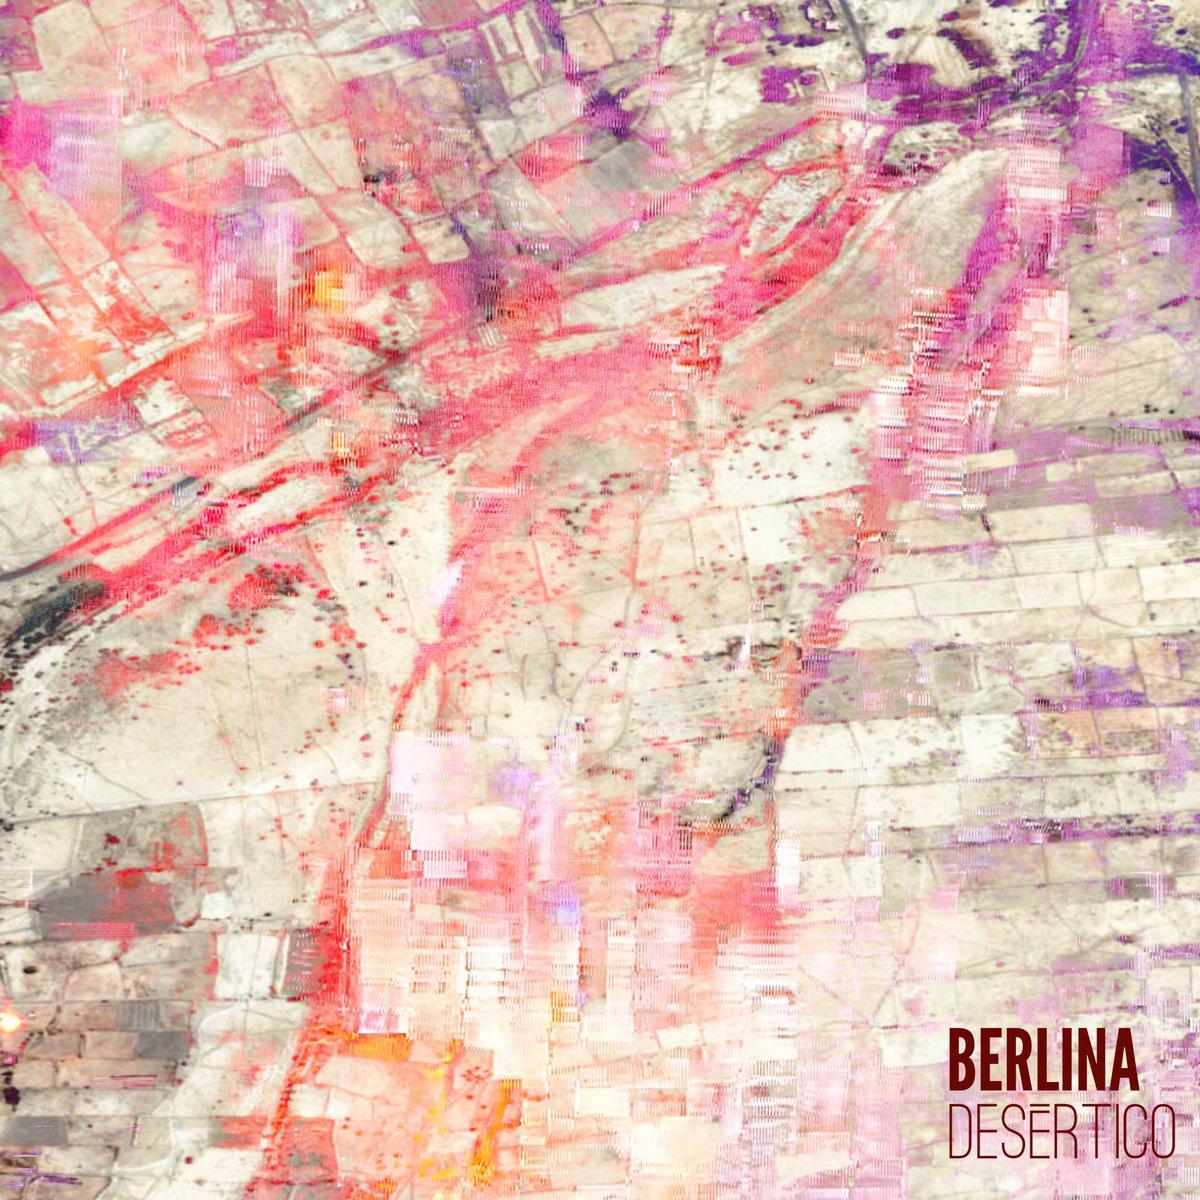 berlina-desertico